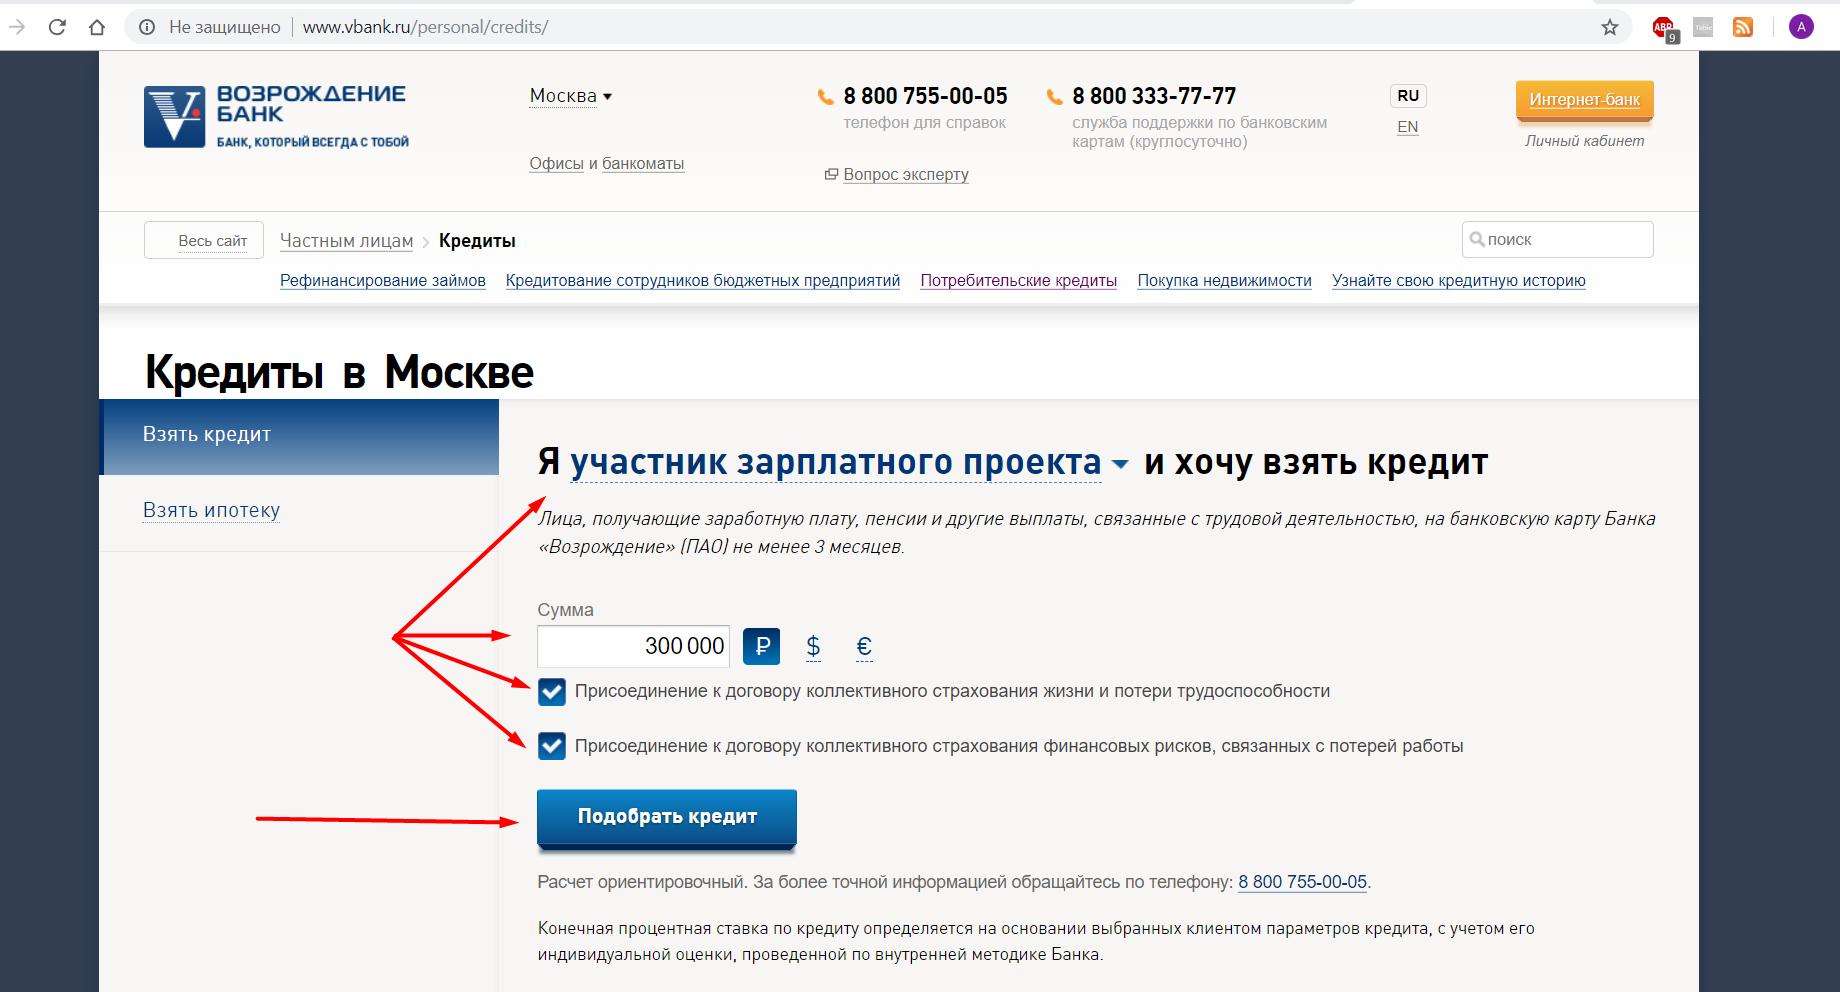 Взять кредит из банка возрождения онлайн заявки на кредит в банки тюмени